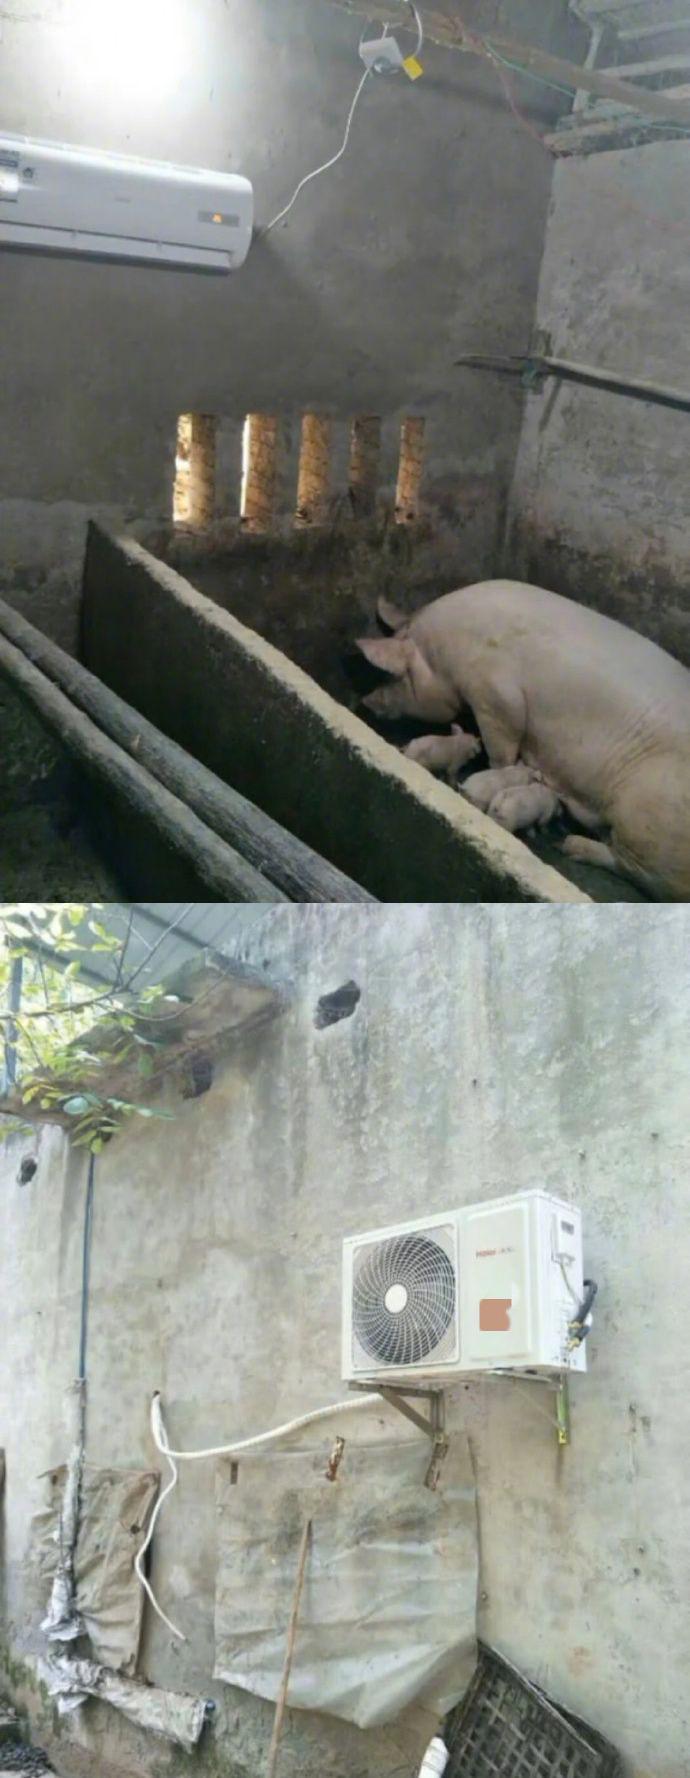 想拥有猪一样的夏天!做人不如做猪啊!